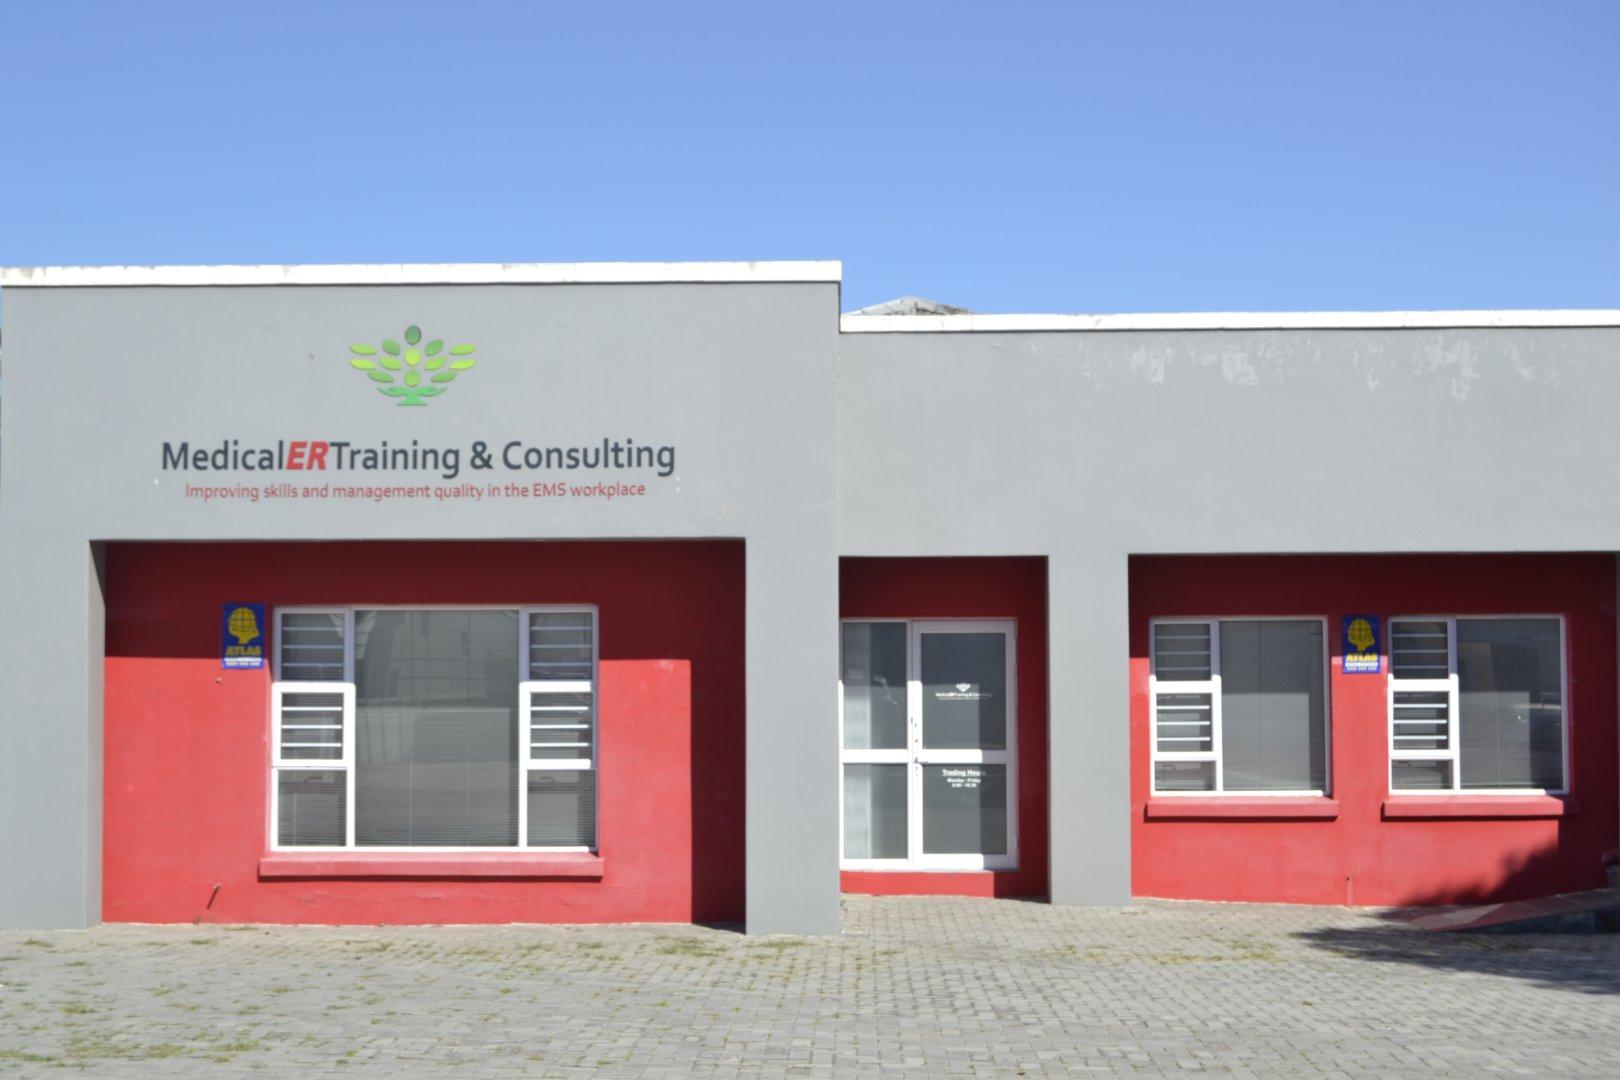 , Commercial - ZAR , 11,00*,M